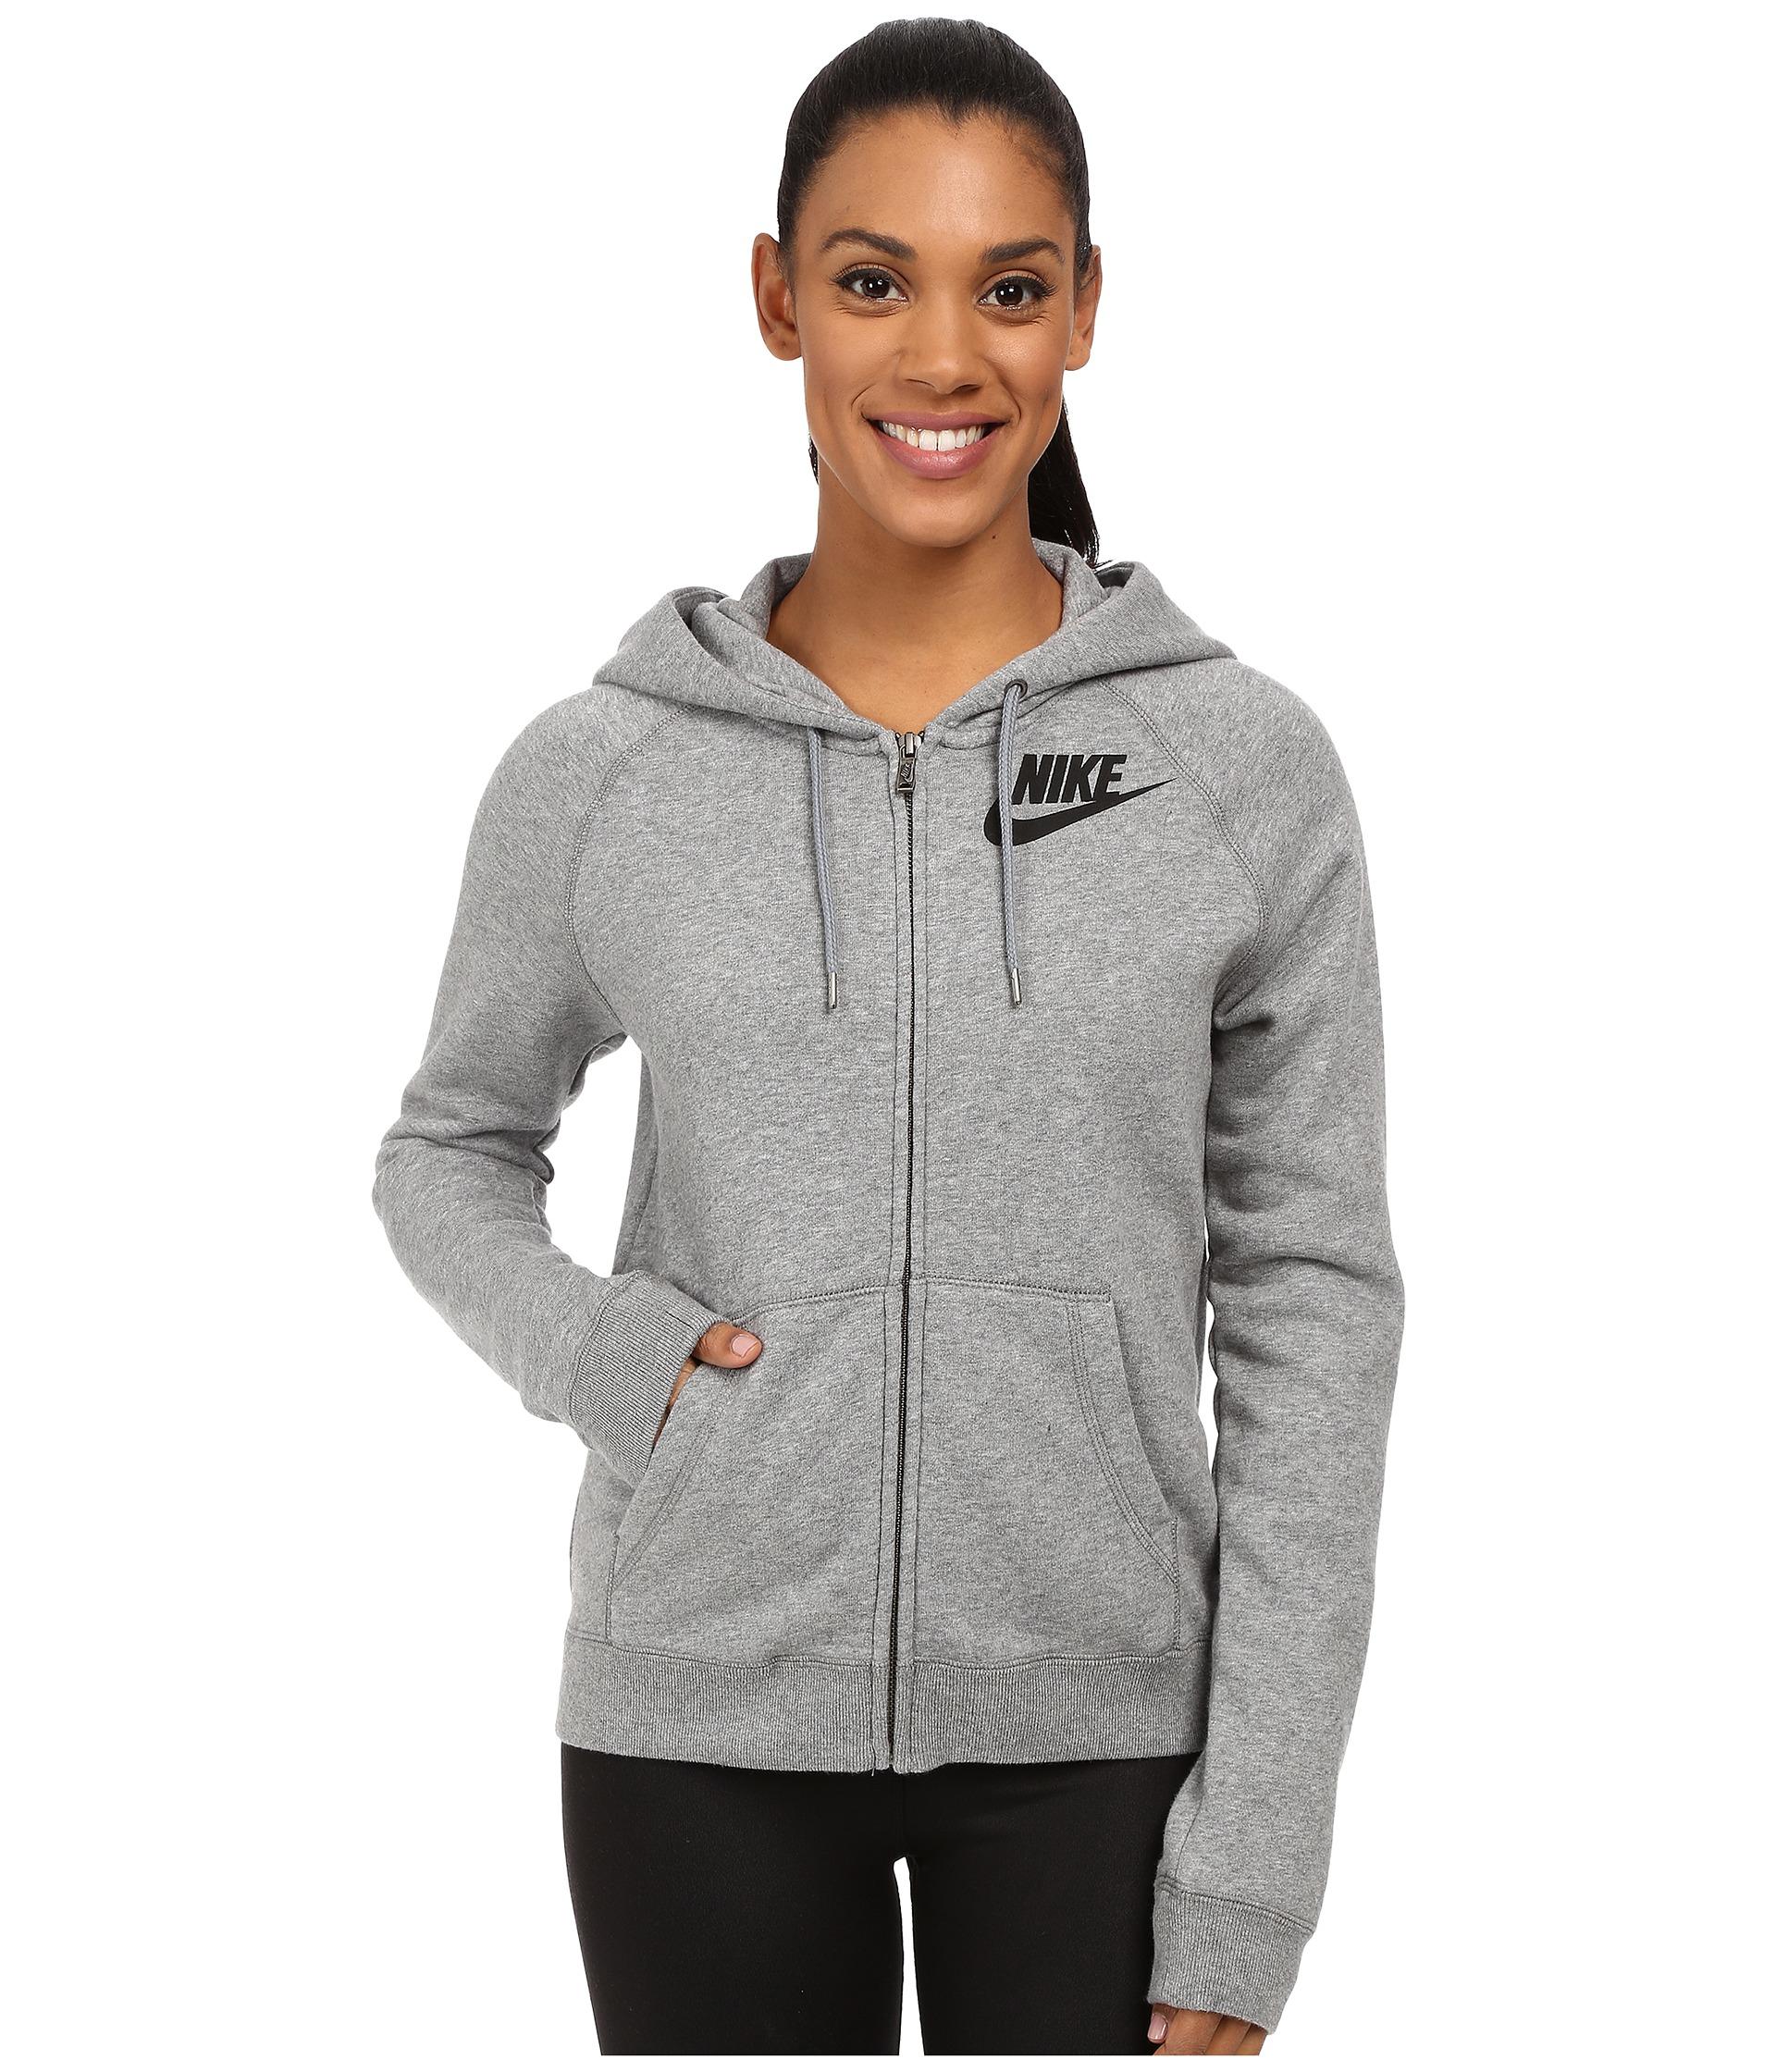 size 40 c8047 c4ada Nike Rally Full-zip Hoodie in Black - Lyst